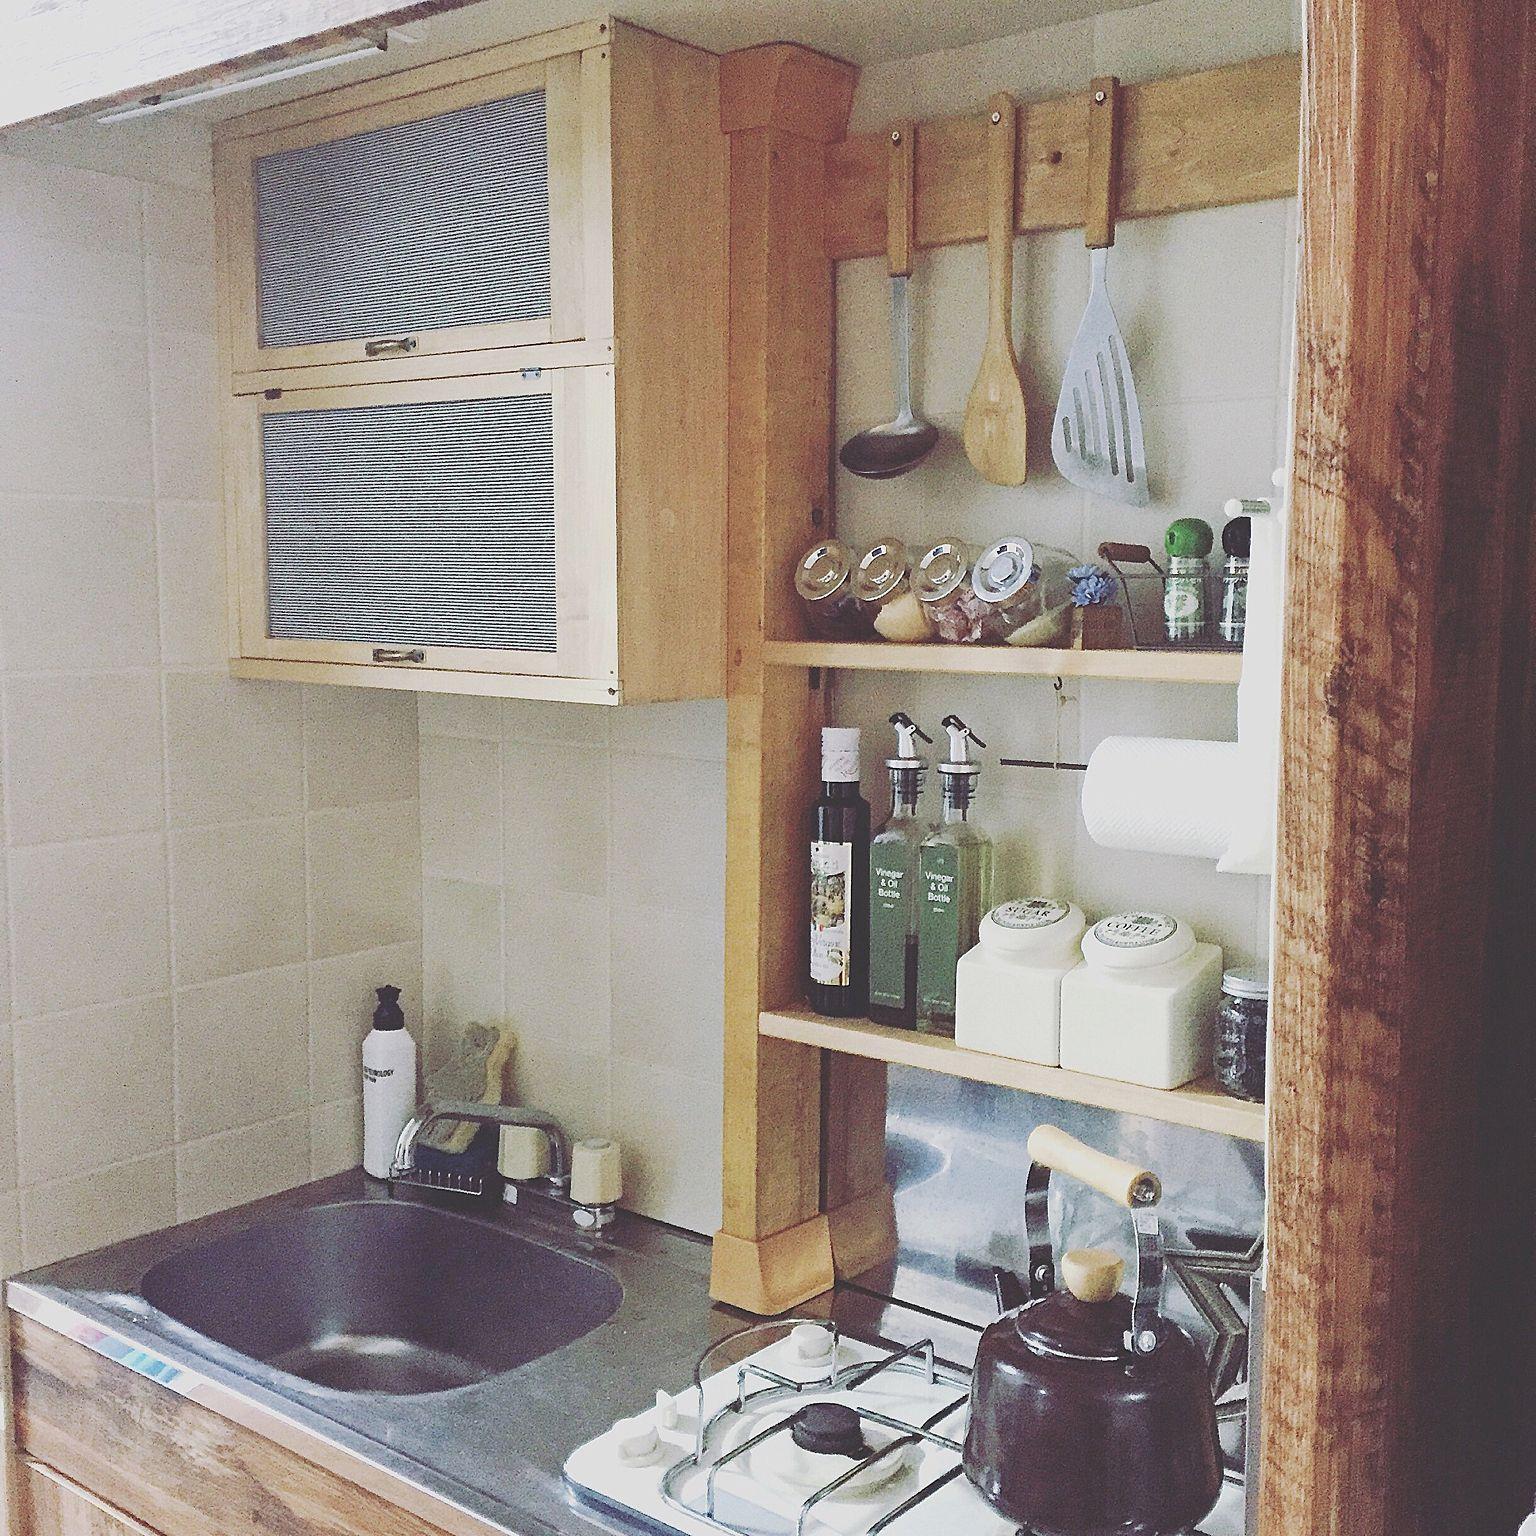 キッチン Diy ワンルーム 1r 1人暮らし などのインテリア実例 2016